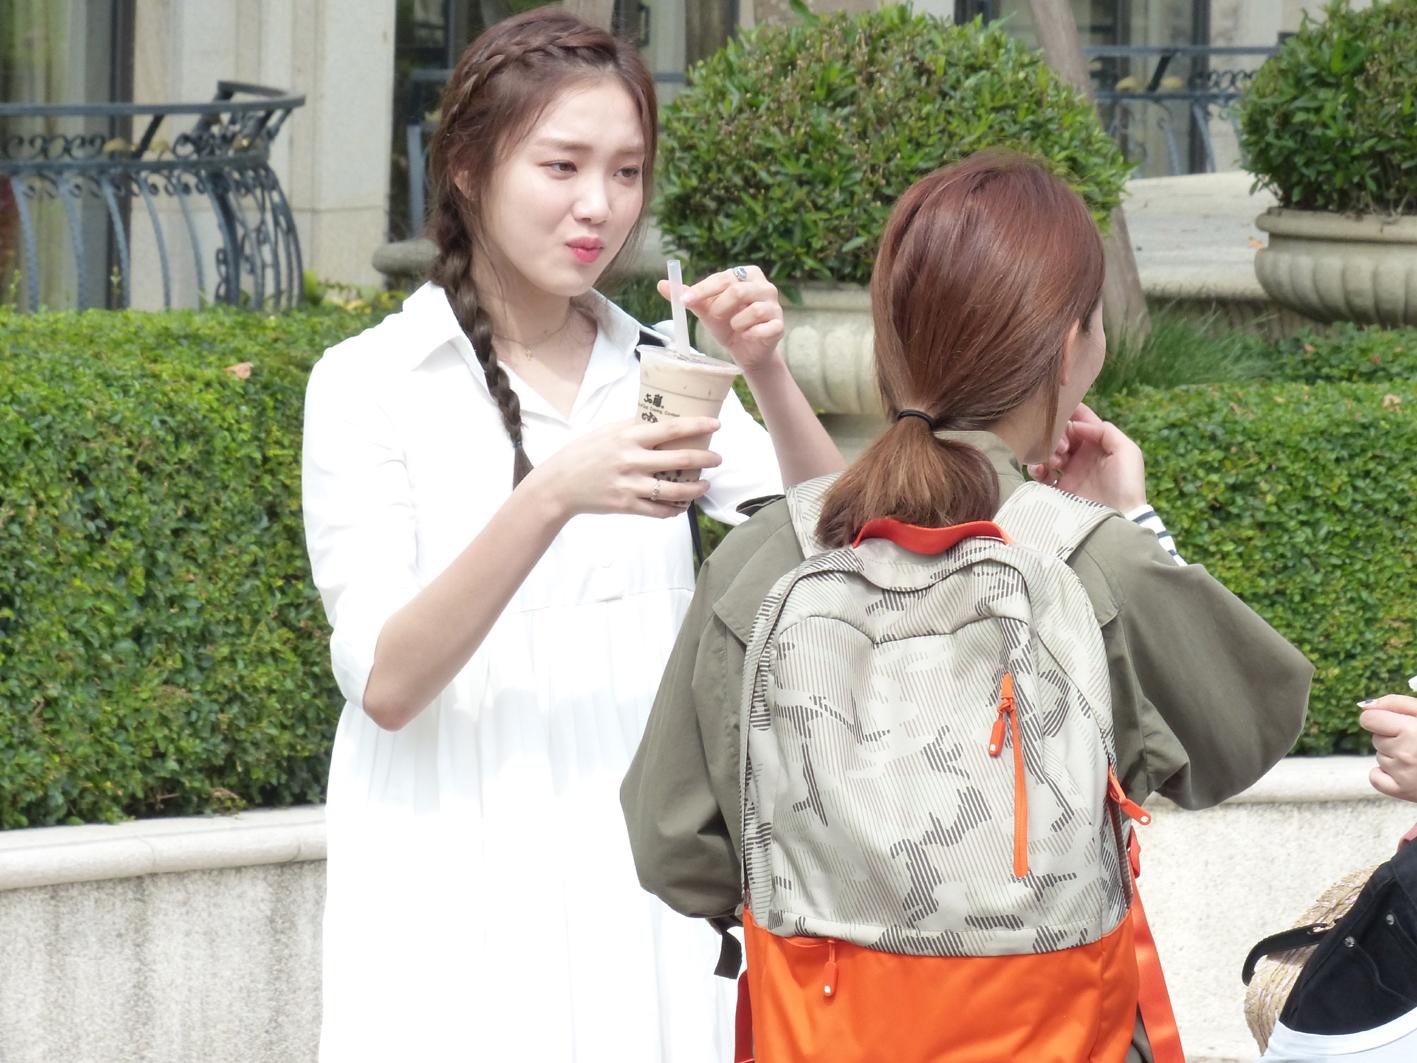 高雄市政府觀光局日前前往劇組探班,送上台灣珍珠奶茶,《女王之花》女主角李聖經(左)喝得津津有味。